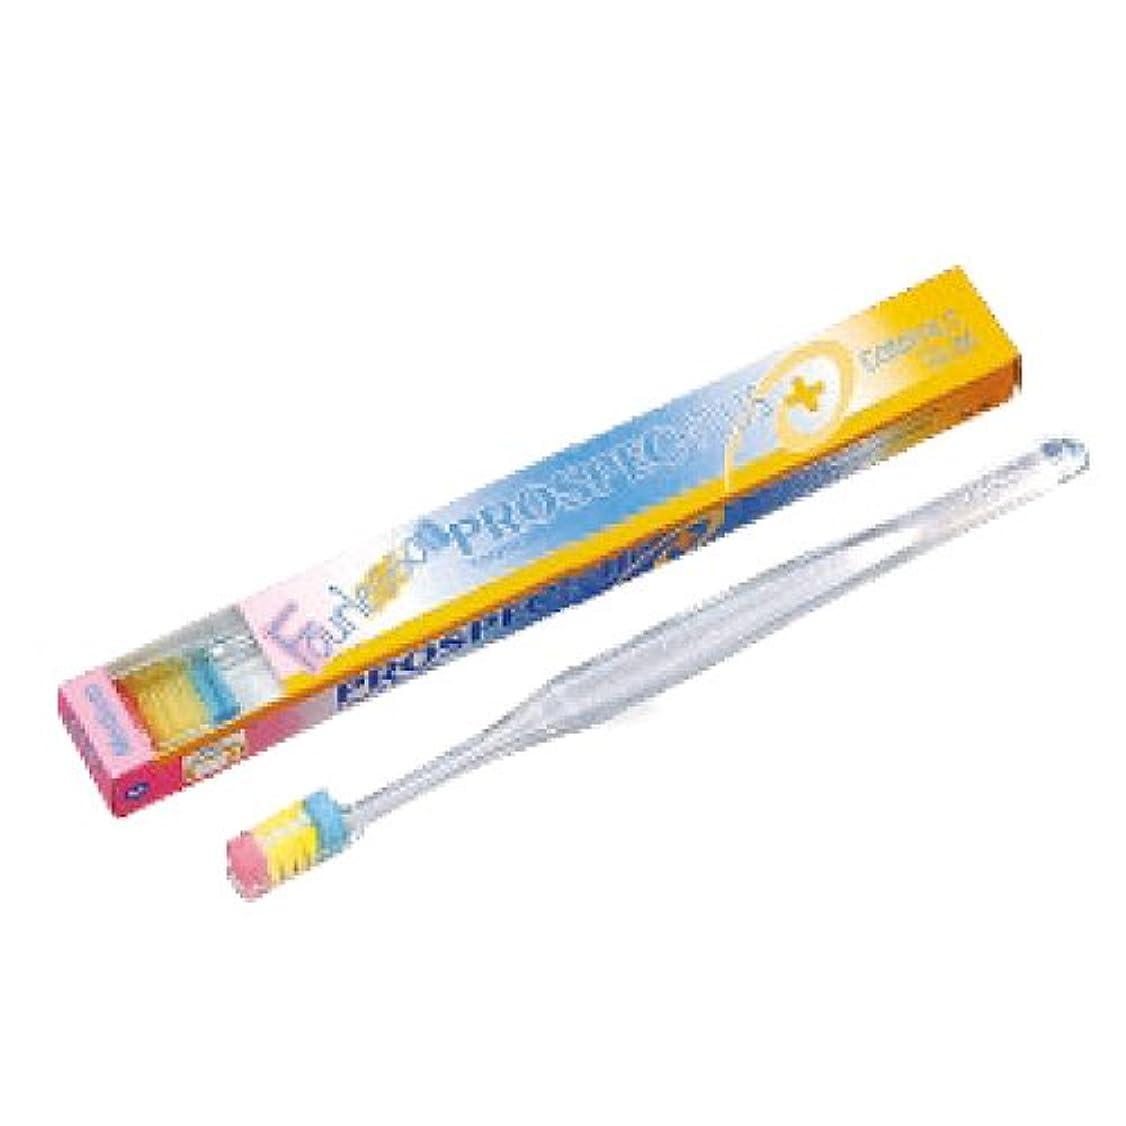 変色するサミュエルアーティキュレーションプロスペック 歯ブラシ コンパクトスリム 1本 フォーレッスン 毛の硬さ ふつう